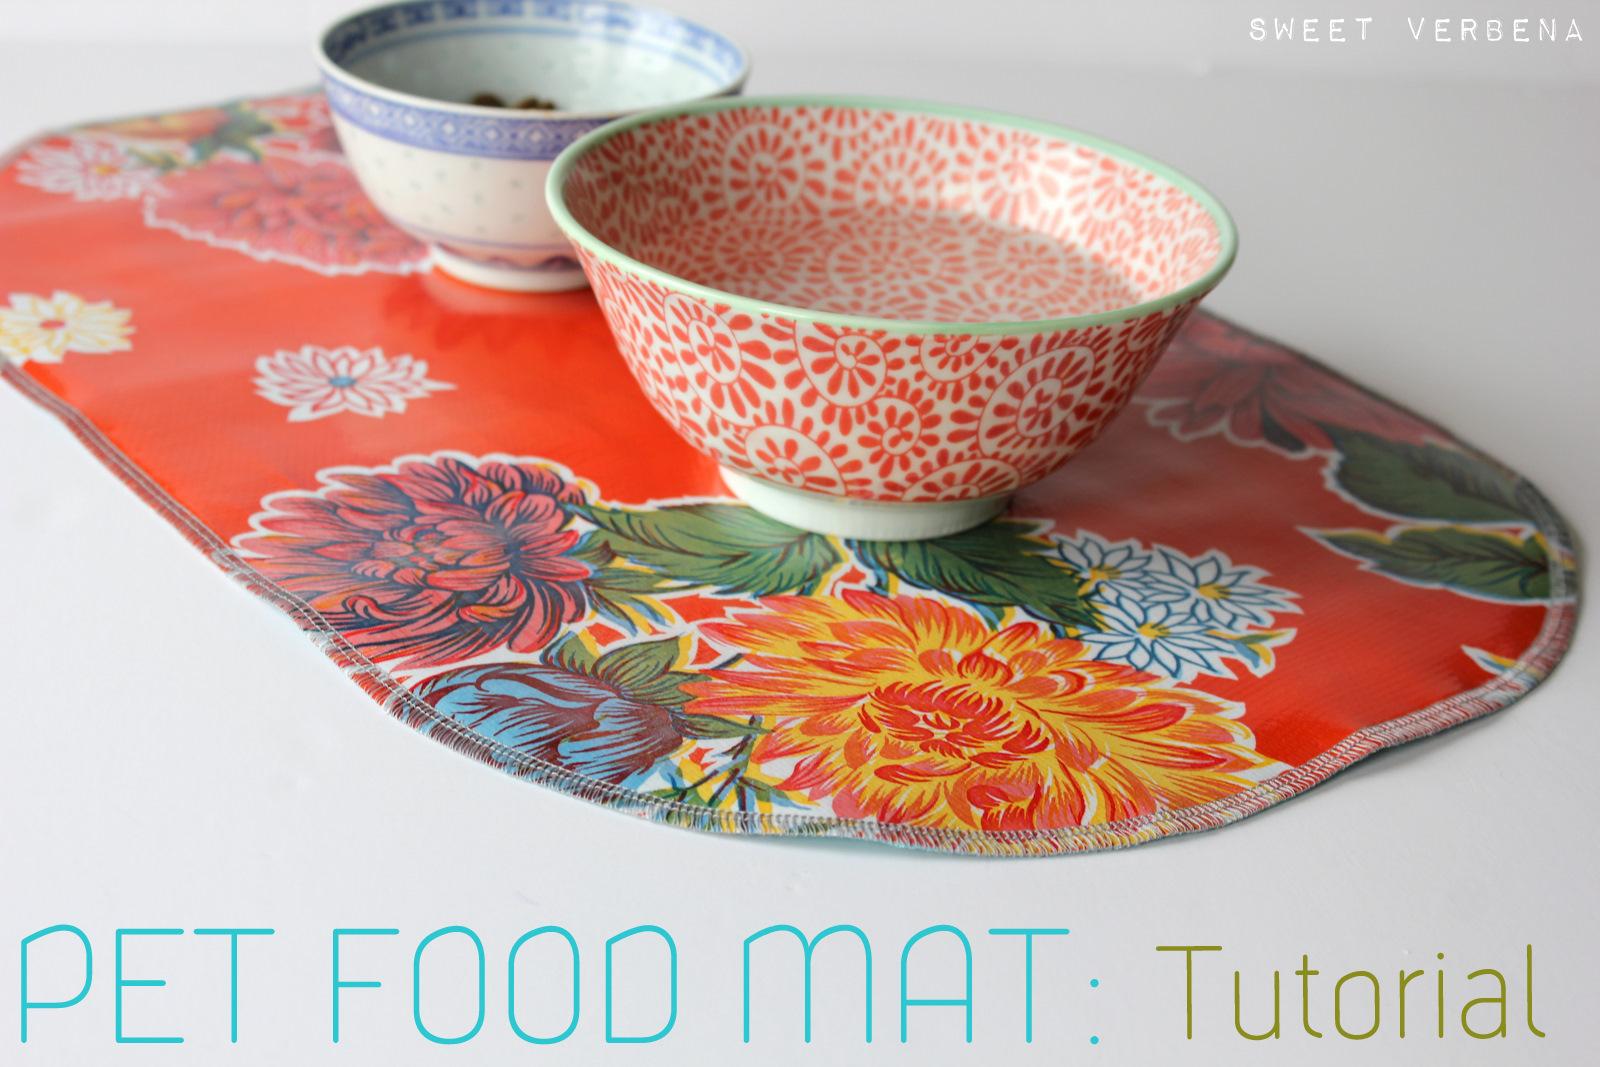 Pet Food Mat A Tutorial Sweet Verbena